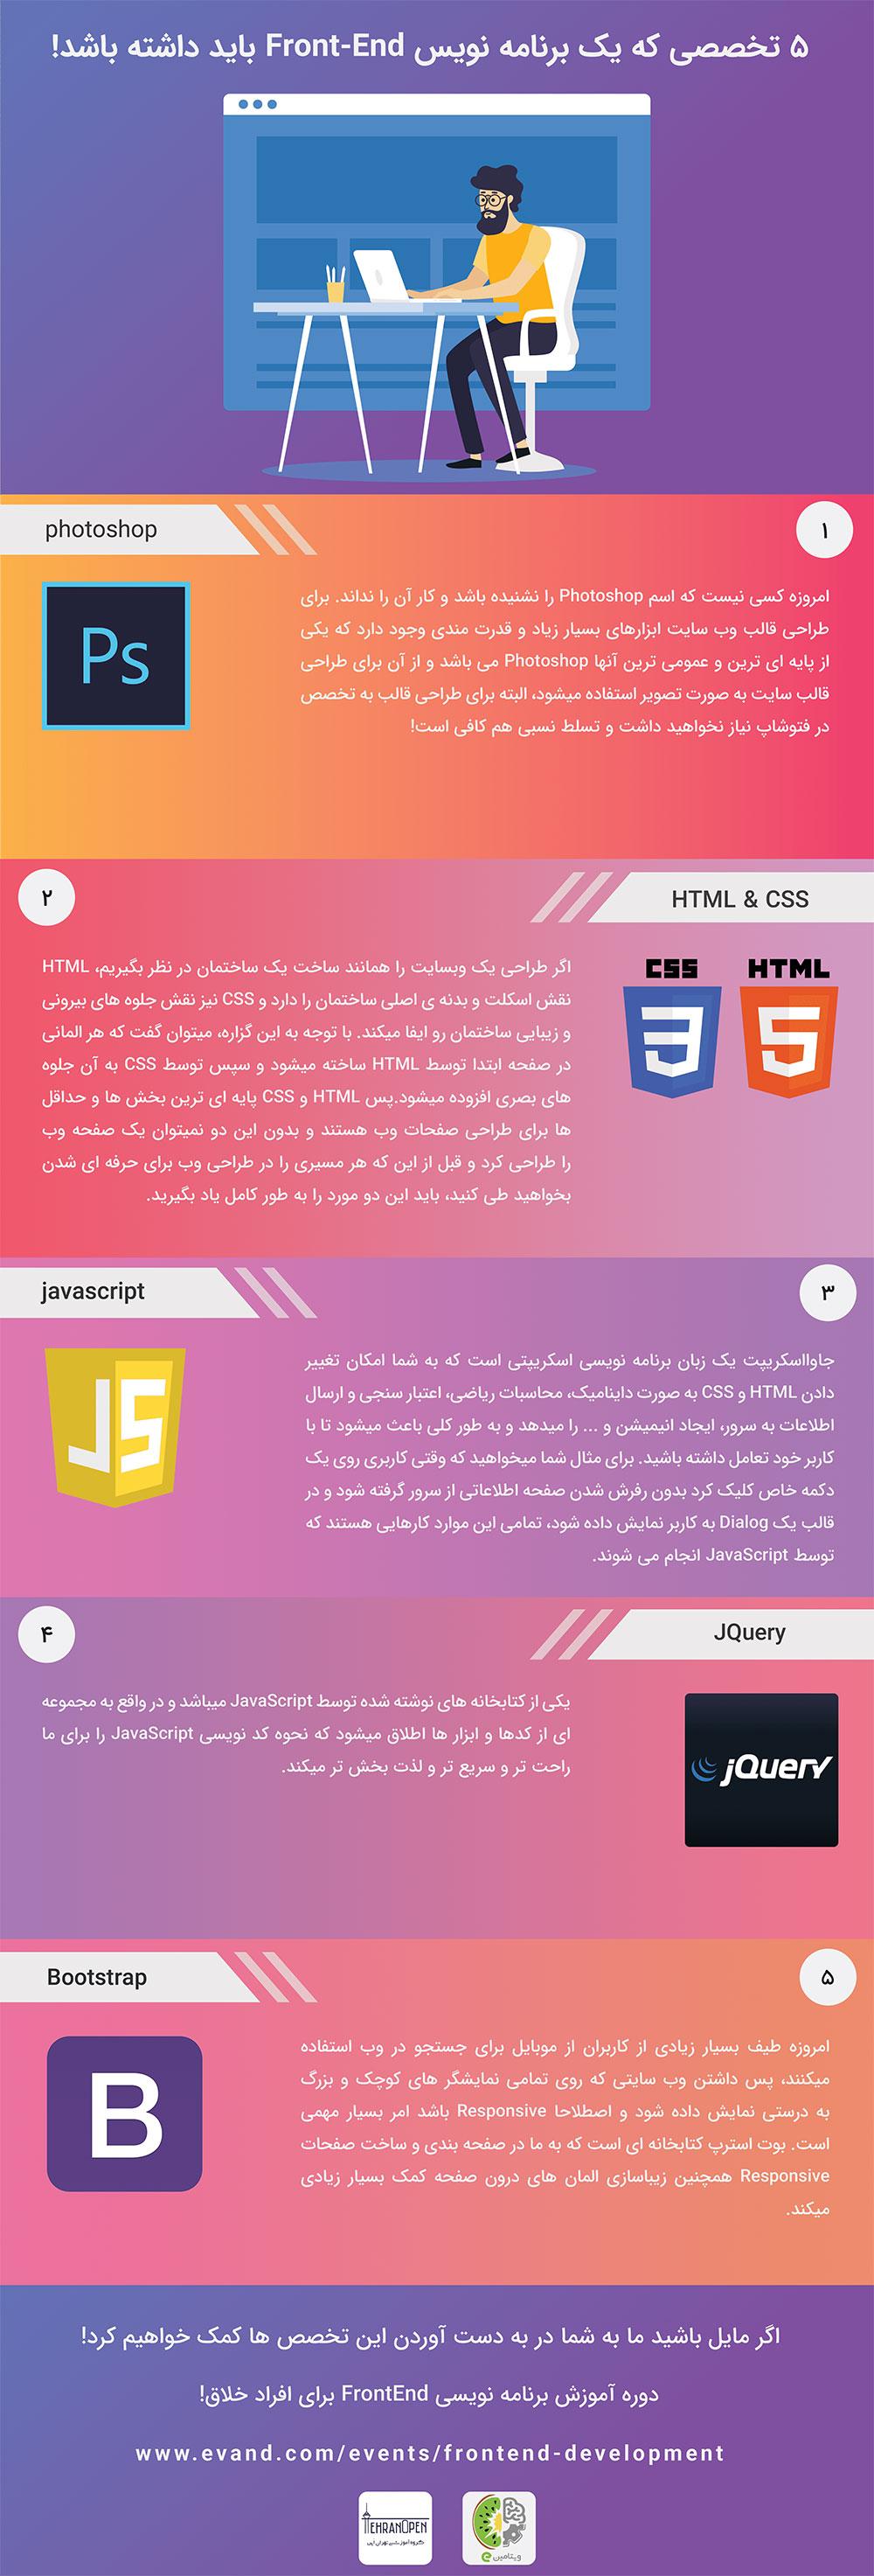 5 تخصصی که یک برنامه نویس فرانت - اند باید داشته باشد